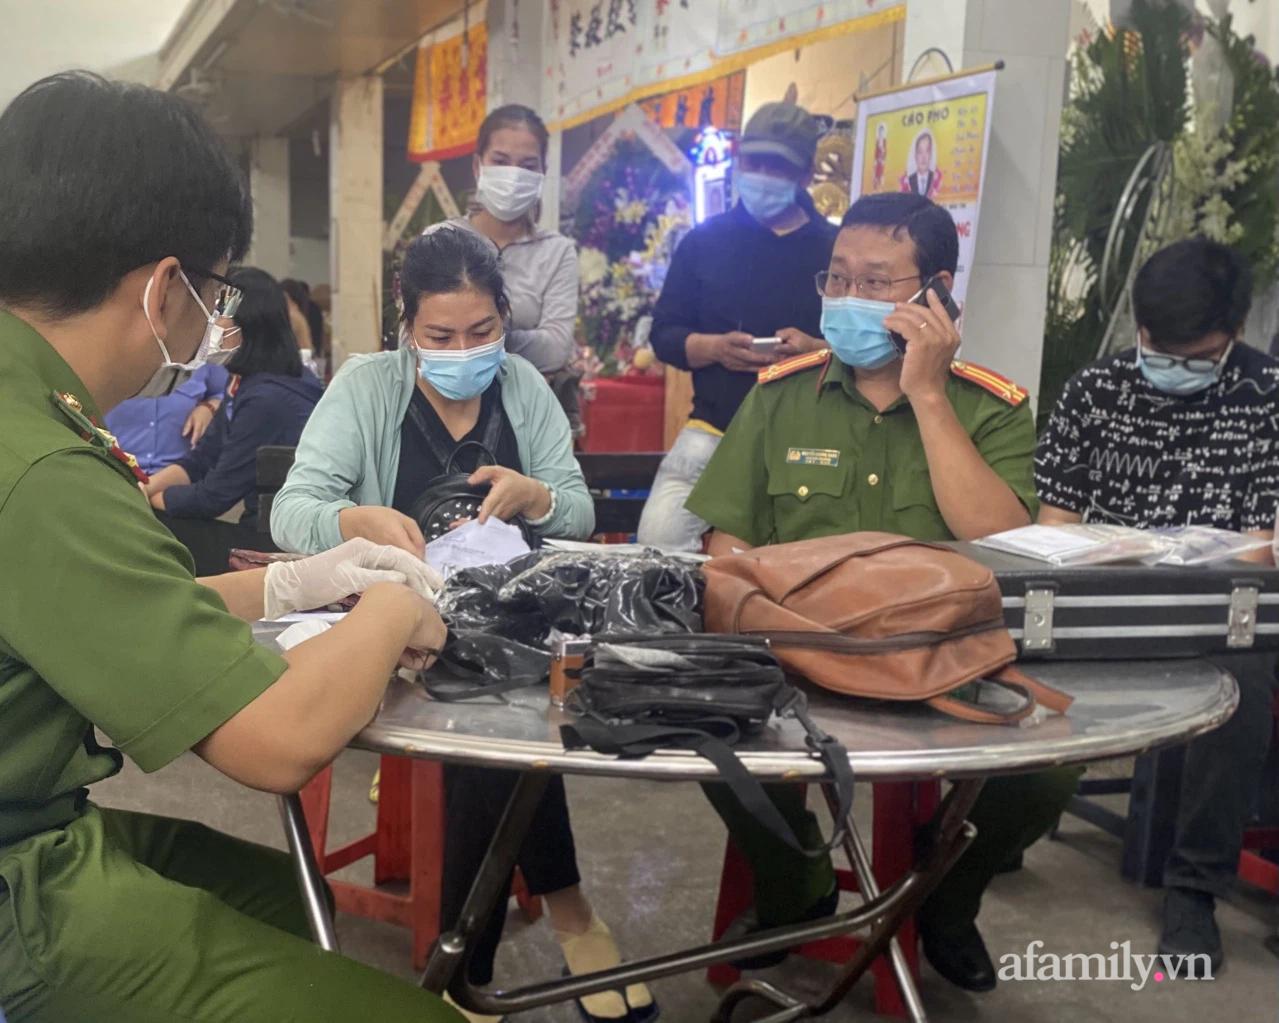 Danh tính nữ nạn nhân tử vong thứ 8 trong vụ cháy nhà đường Lạc Long Quân ở TP.HCM, người thân bàng hoàng - Ảnh 6.